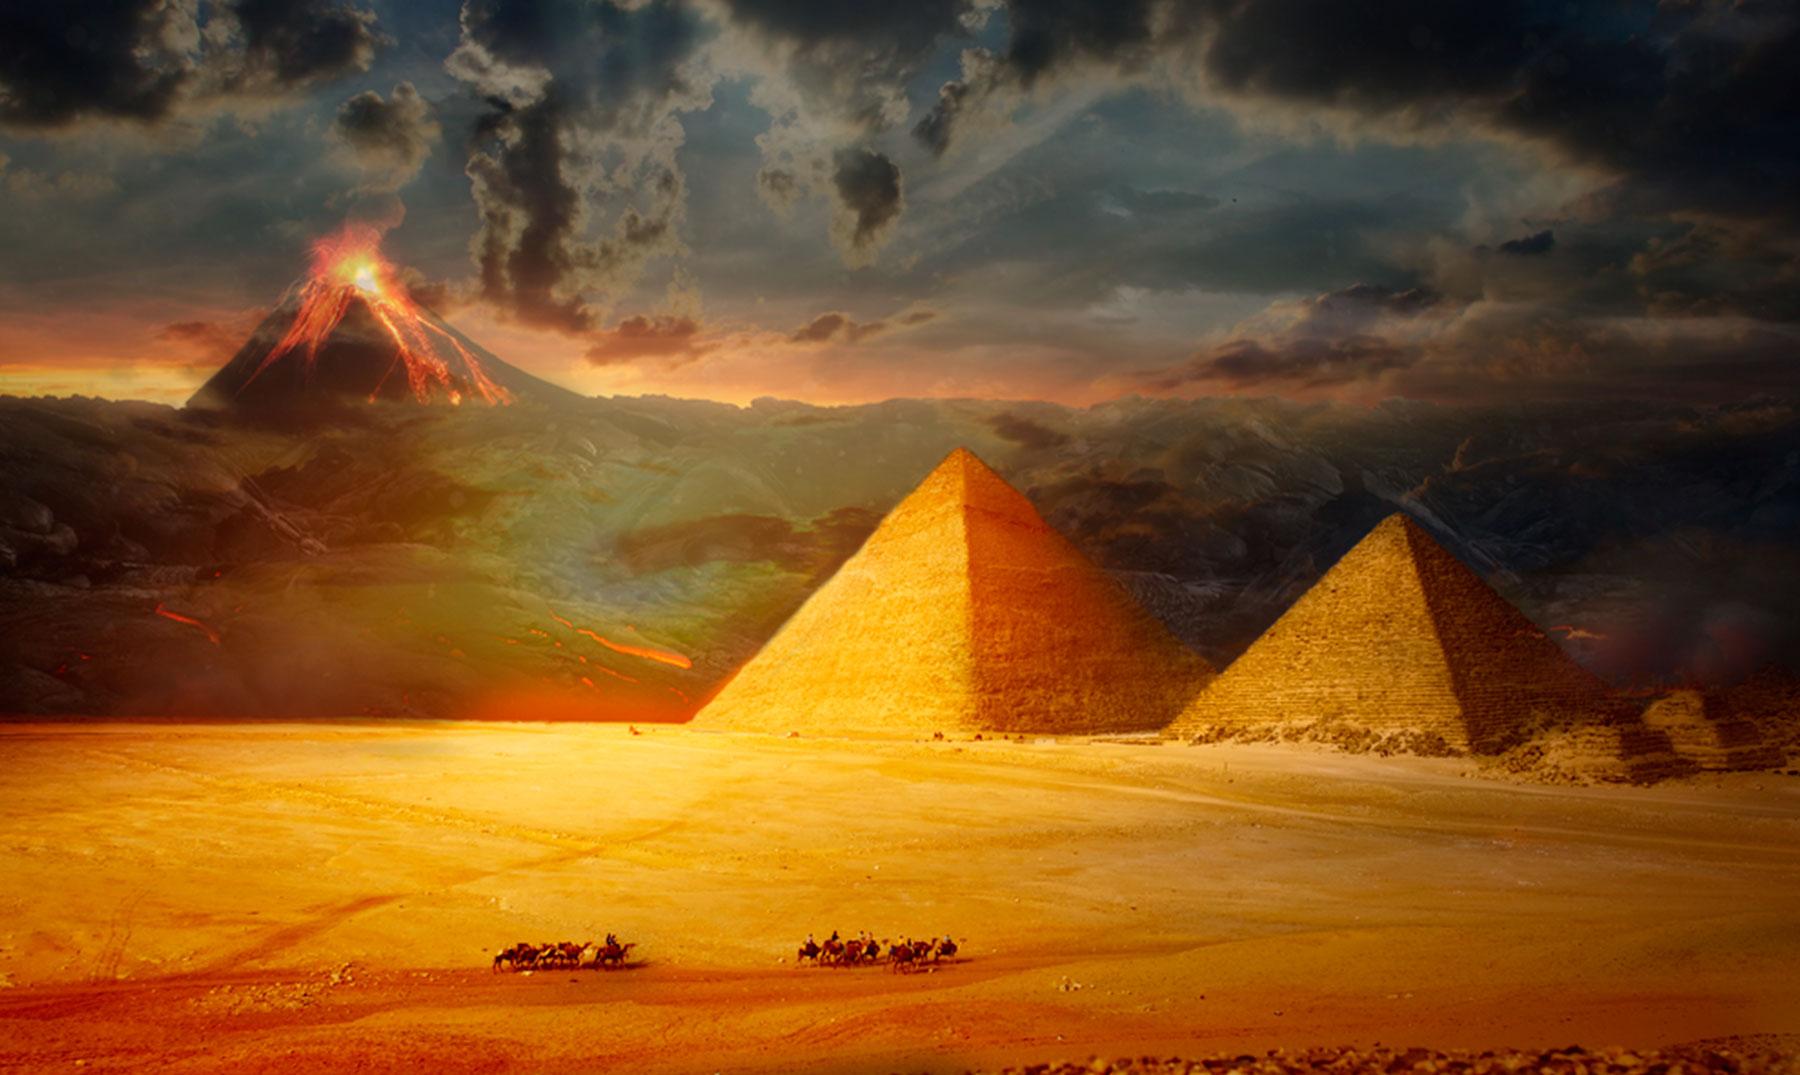 el responsable del final del antiguo egipto fue un volcán